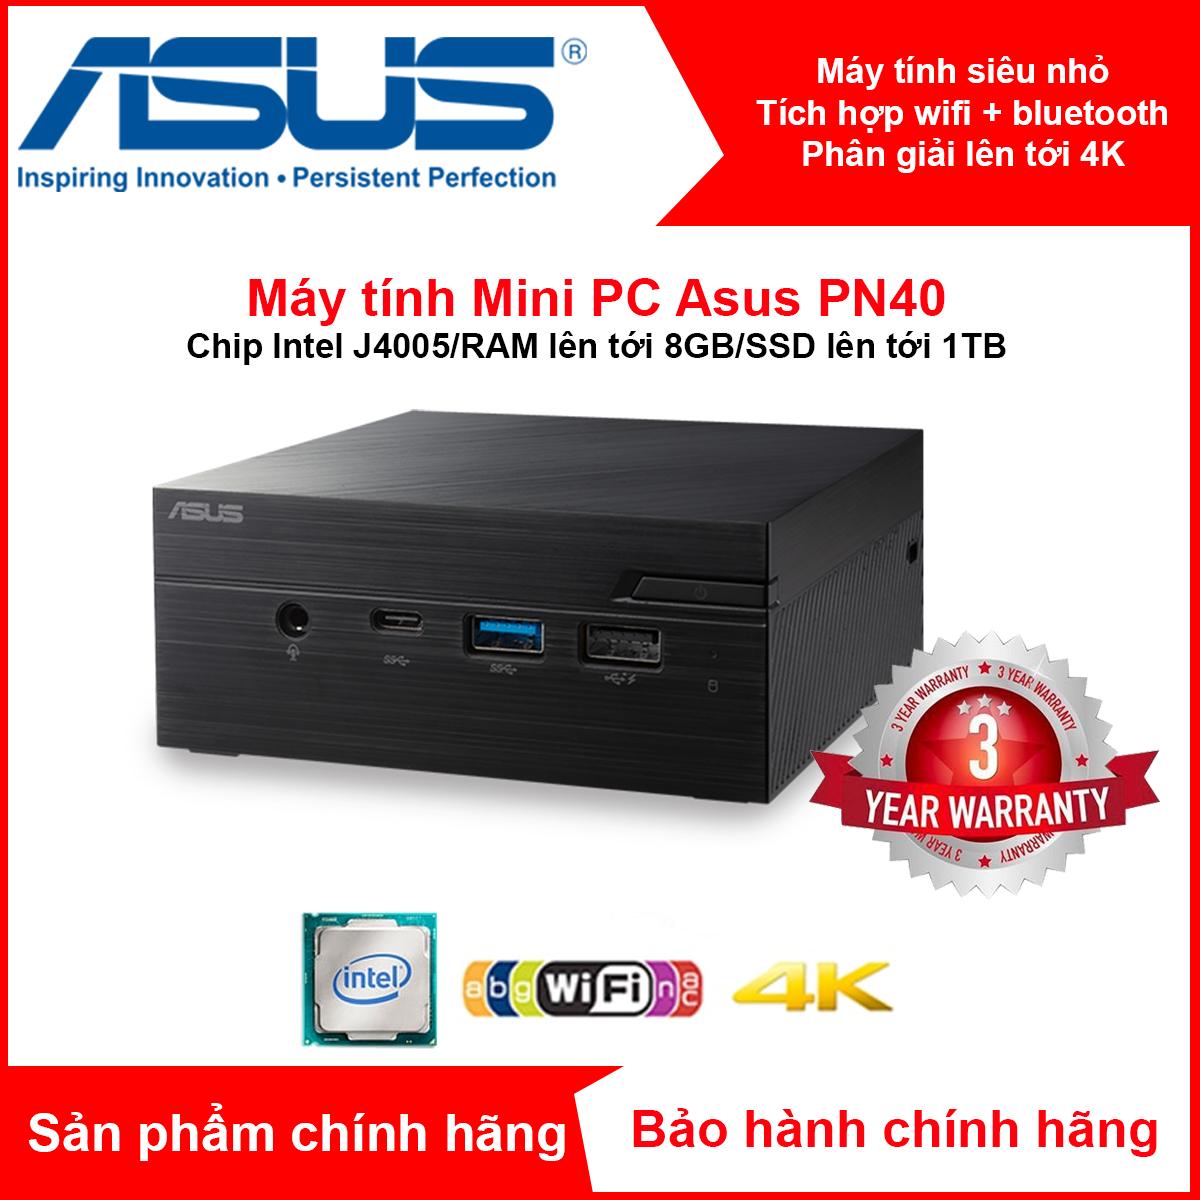 Máy tính siêu nhỏ MiniPC Asus PN40 chip Intel J4005//RAM+SSD tùy chọn/4K UHD support/Wi-Fi + Bluetooth/ USB 3.1 Gen 1 Type-C